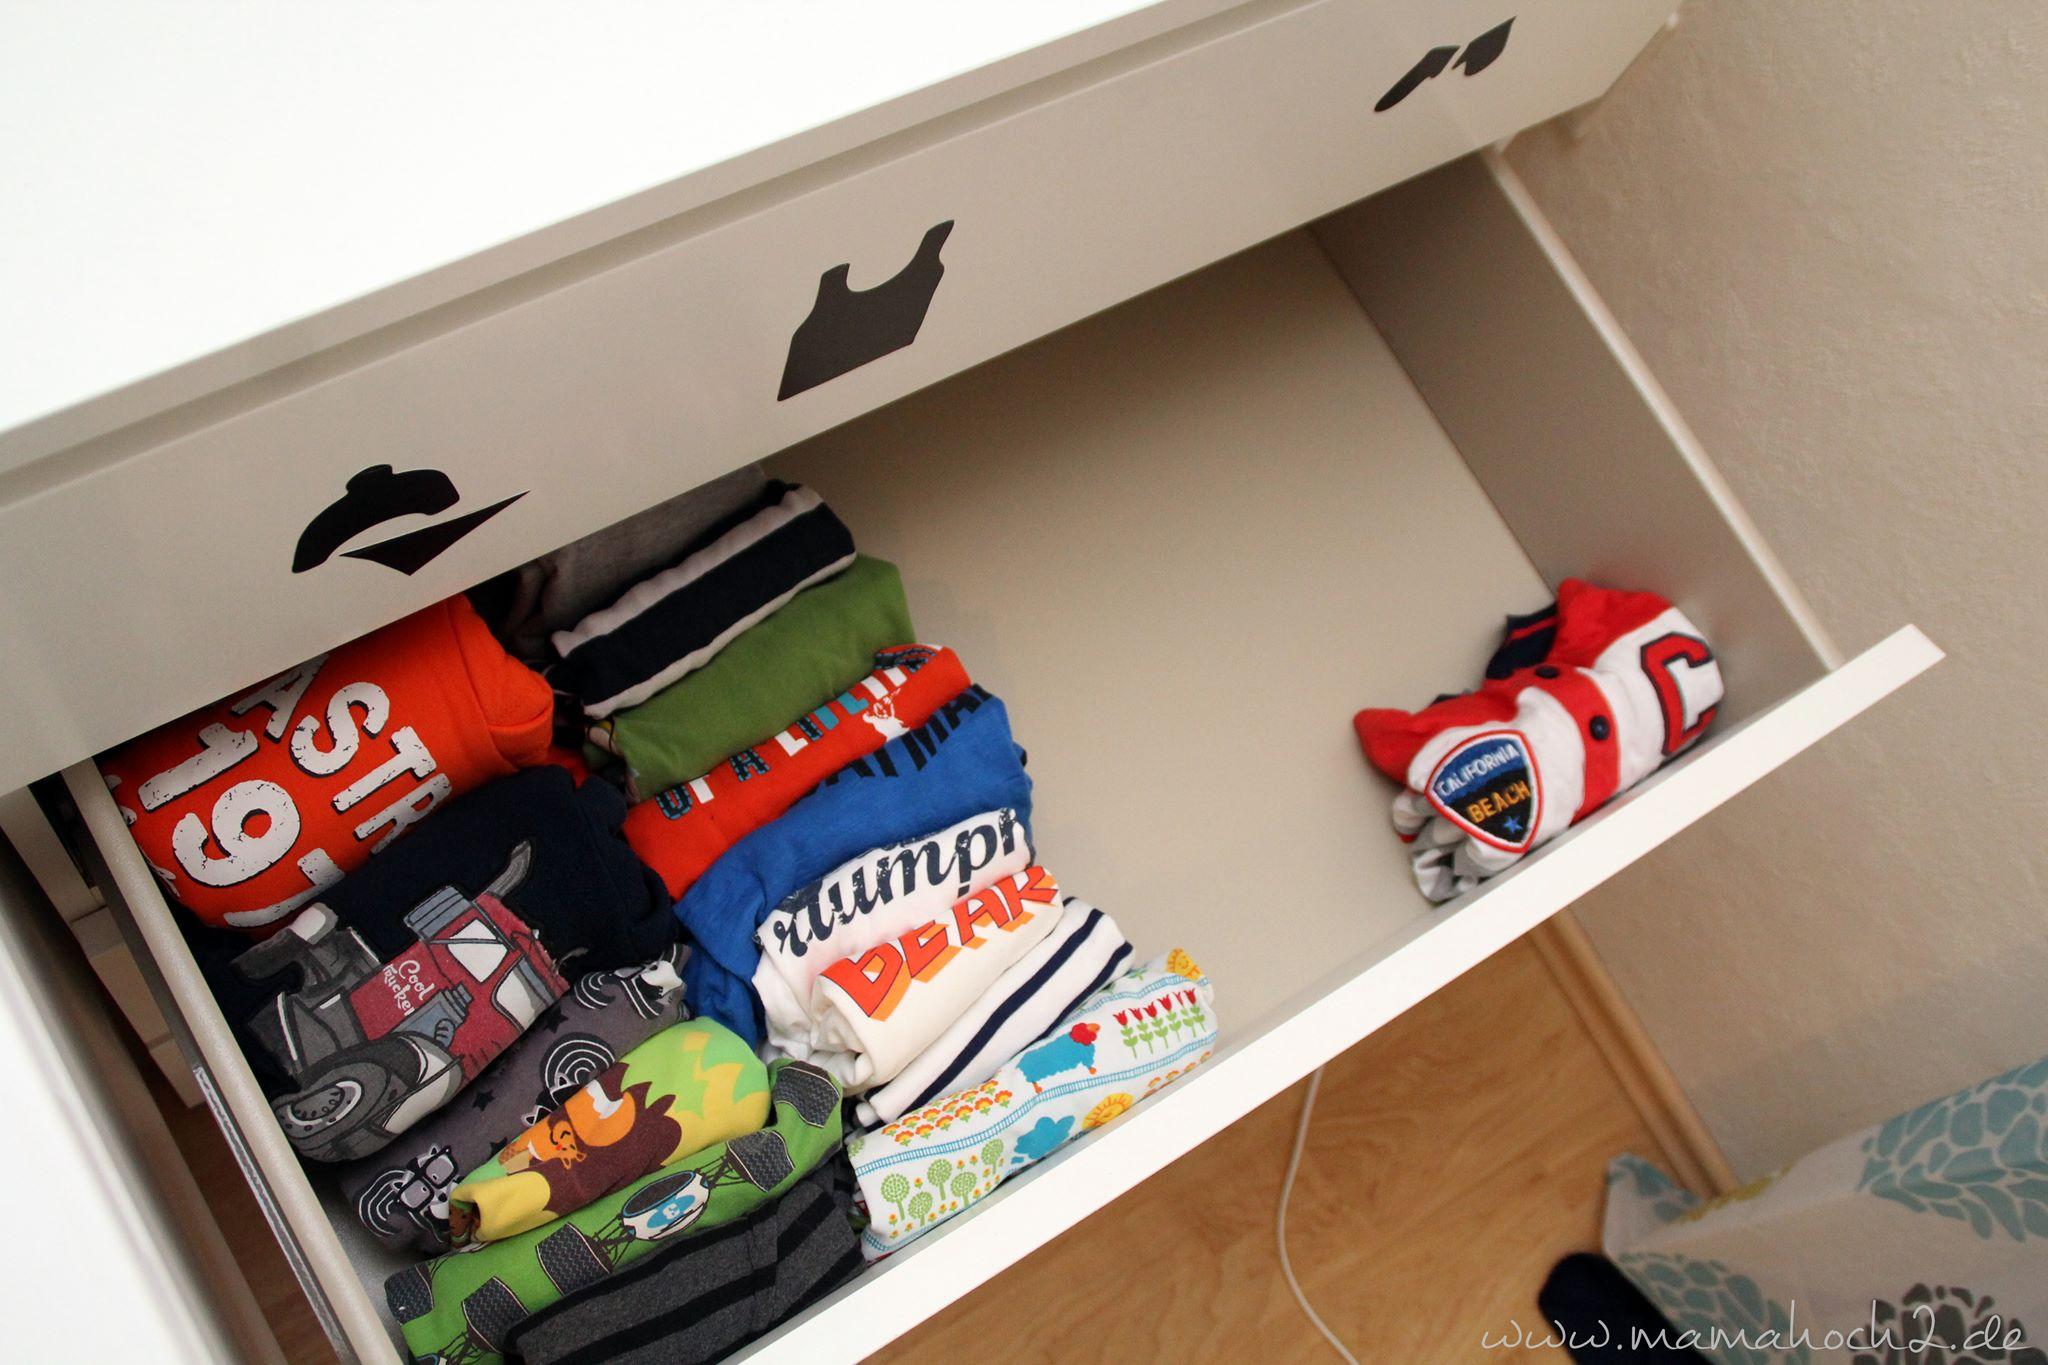 kleiderschrank ausmisten ordnung im kleiderschrank kinderzimmer minimalismus entrümpeln system (5)